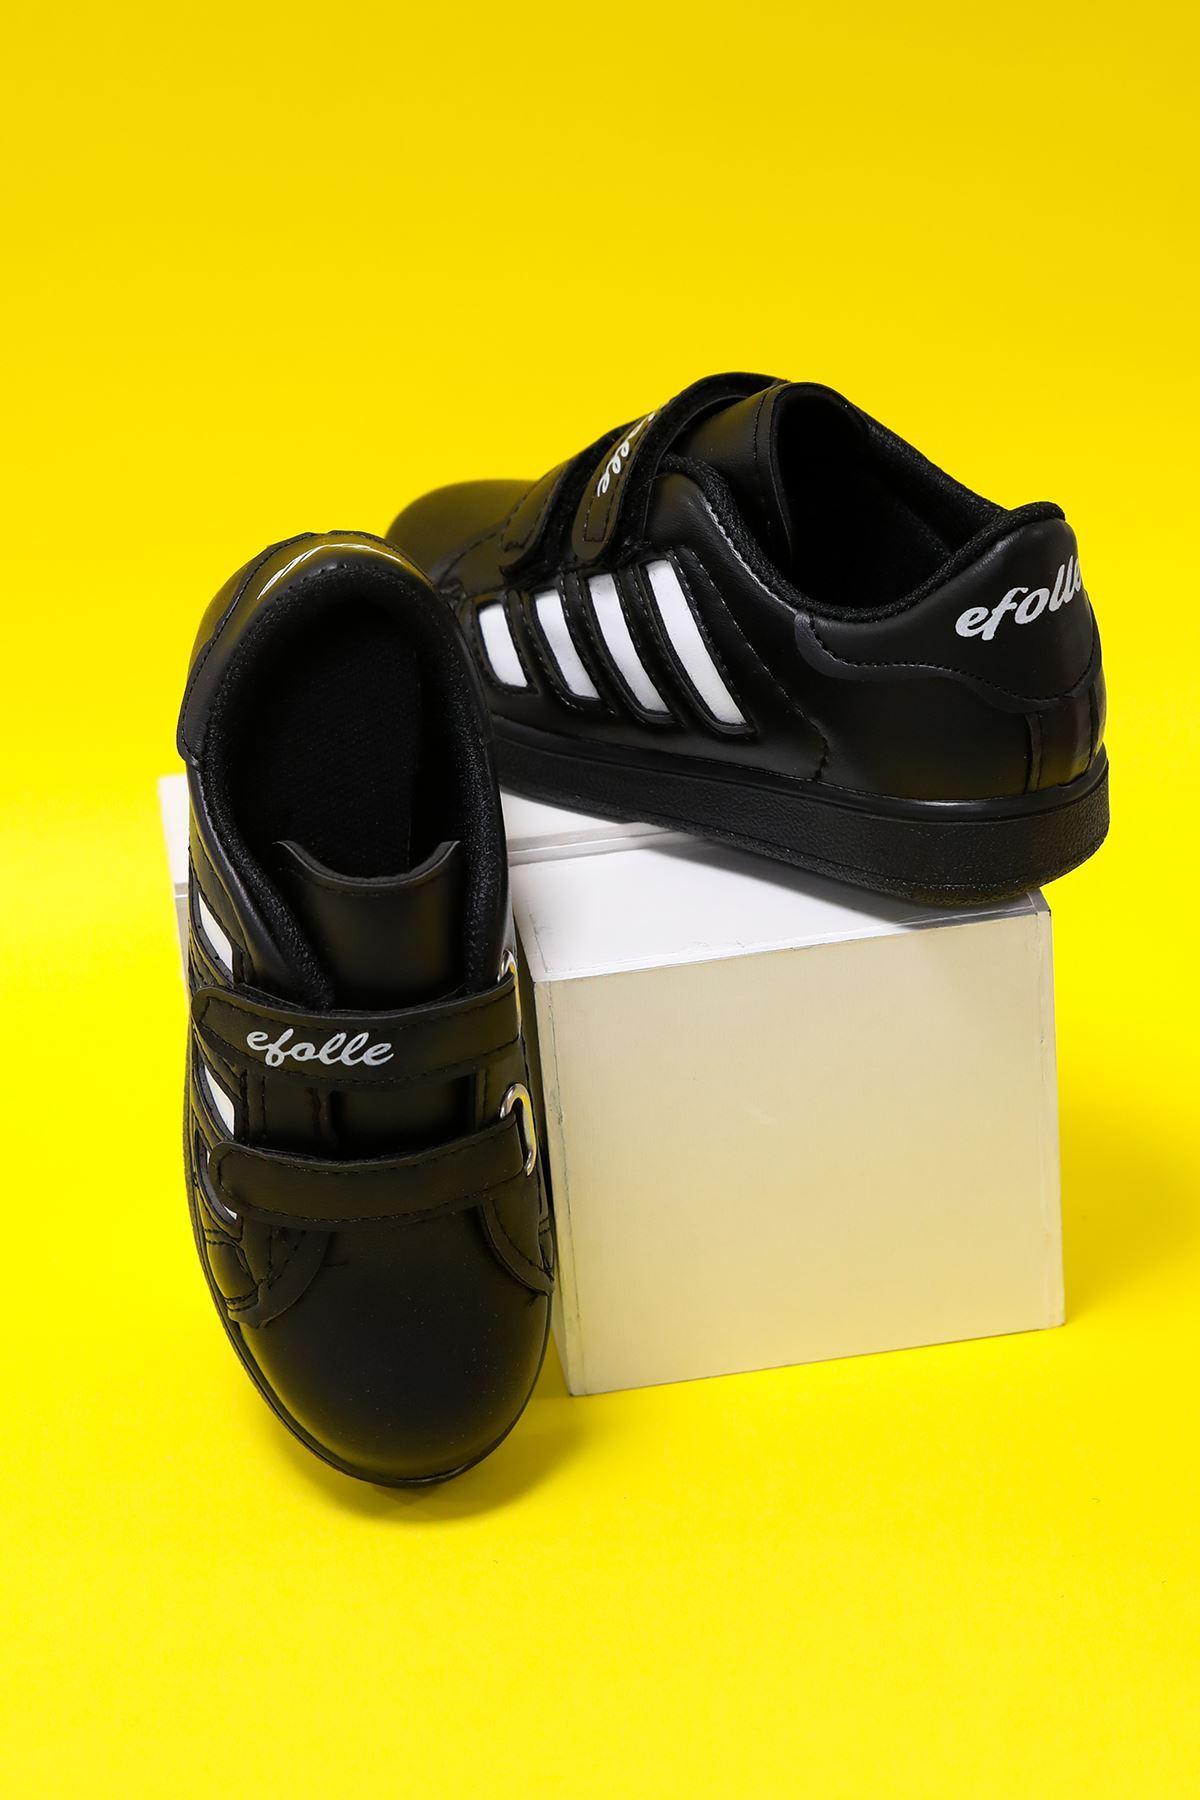 Düz Siyah Yanı Beyaz Şeritli Çocuk Ayakkabı